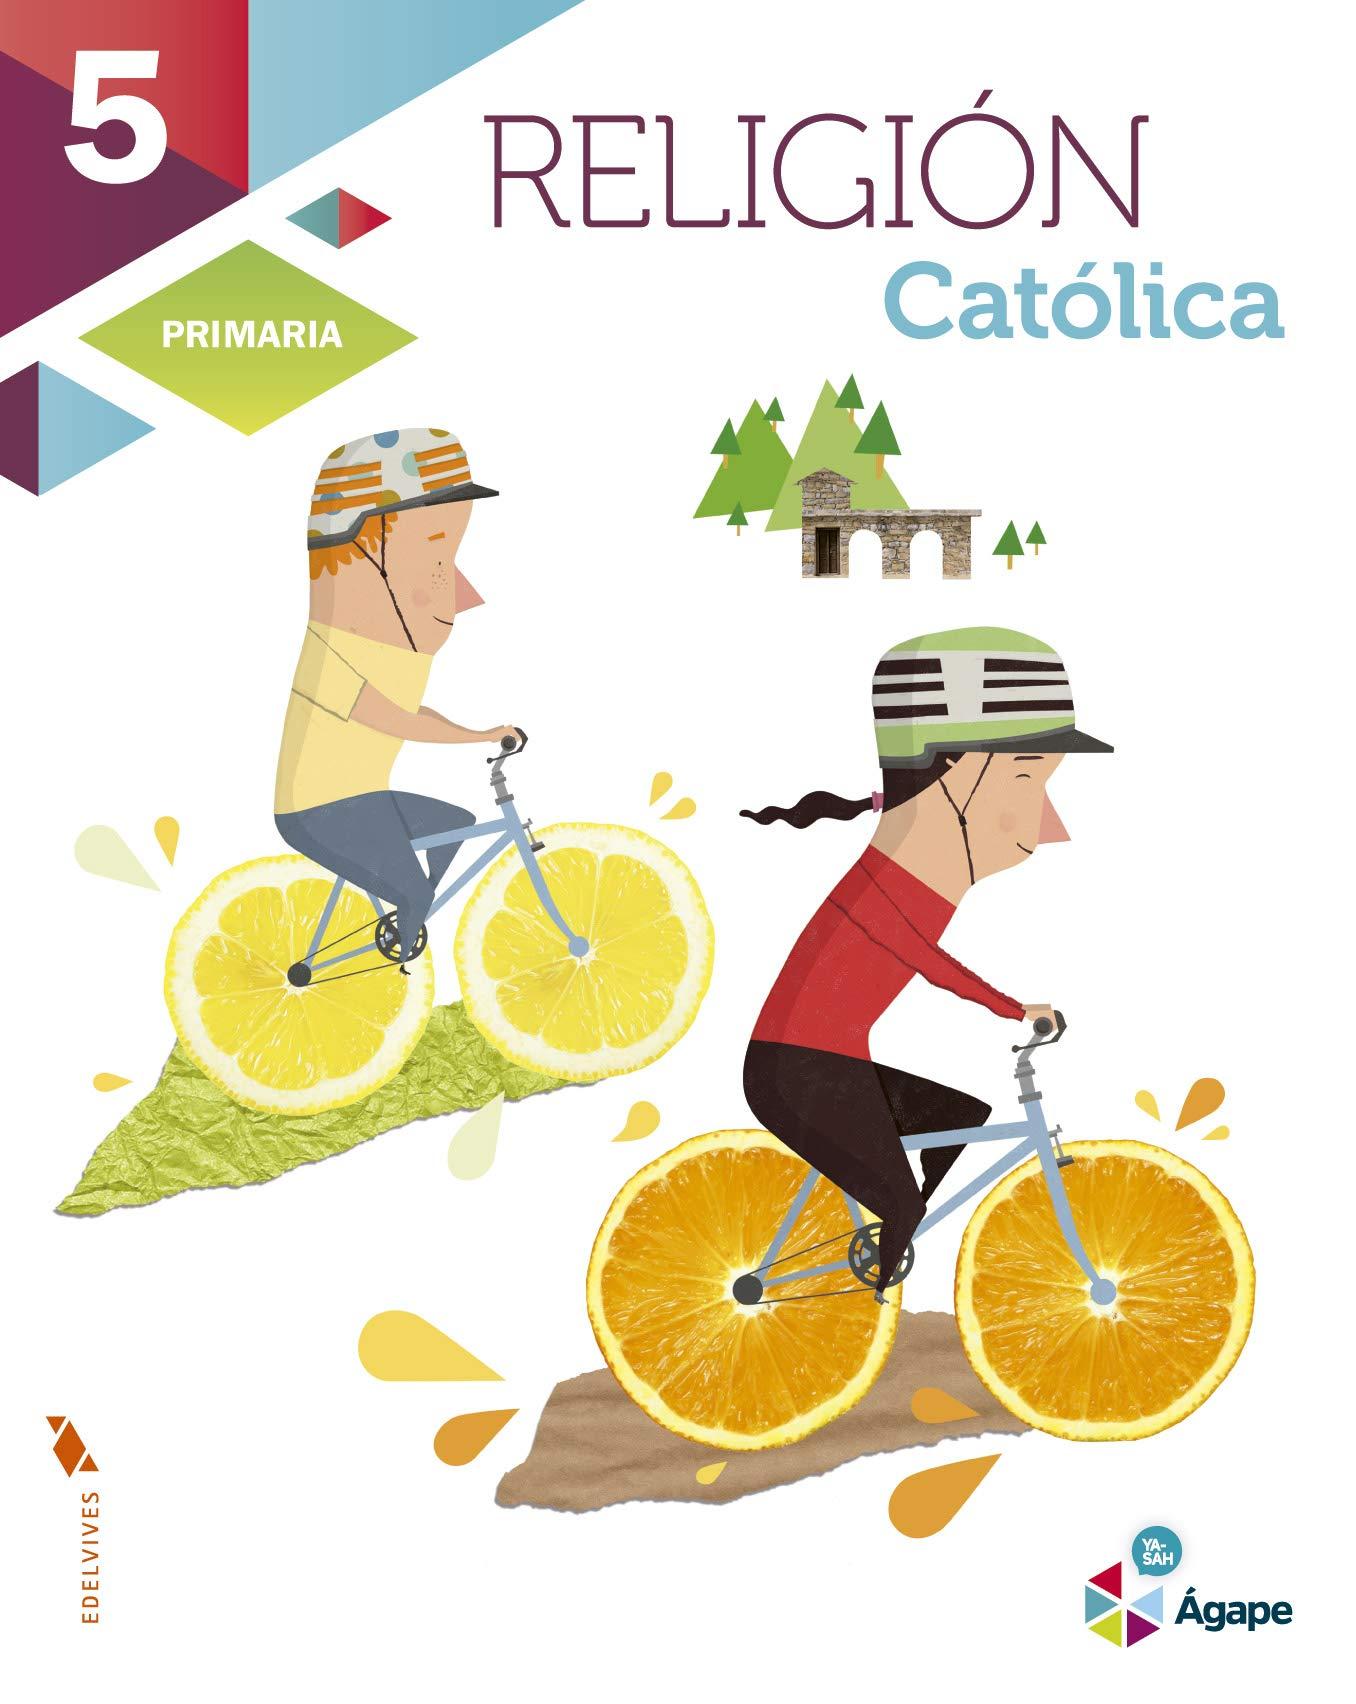 Religión Católica 5º Primaria (Ágape) - 9788426398710: Amazon.es ...